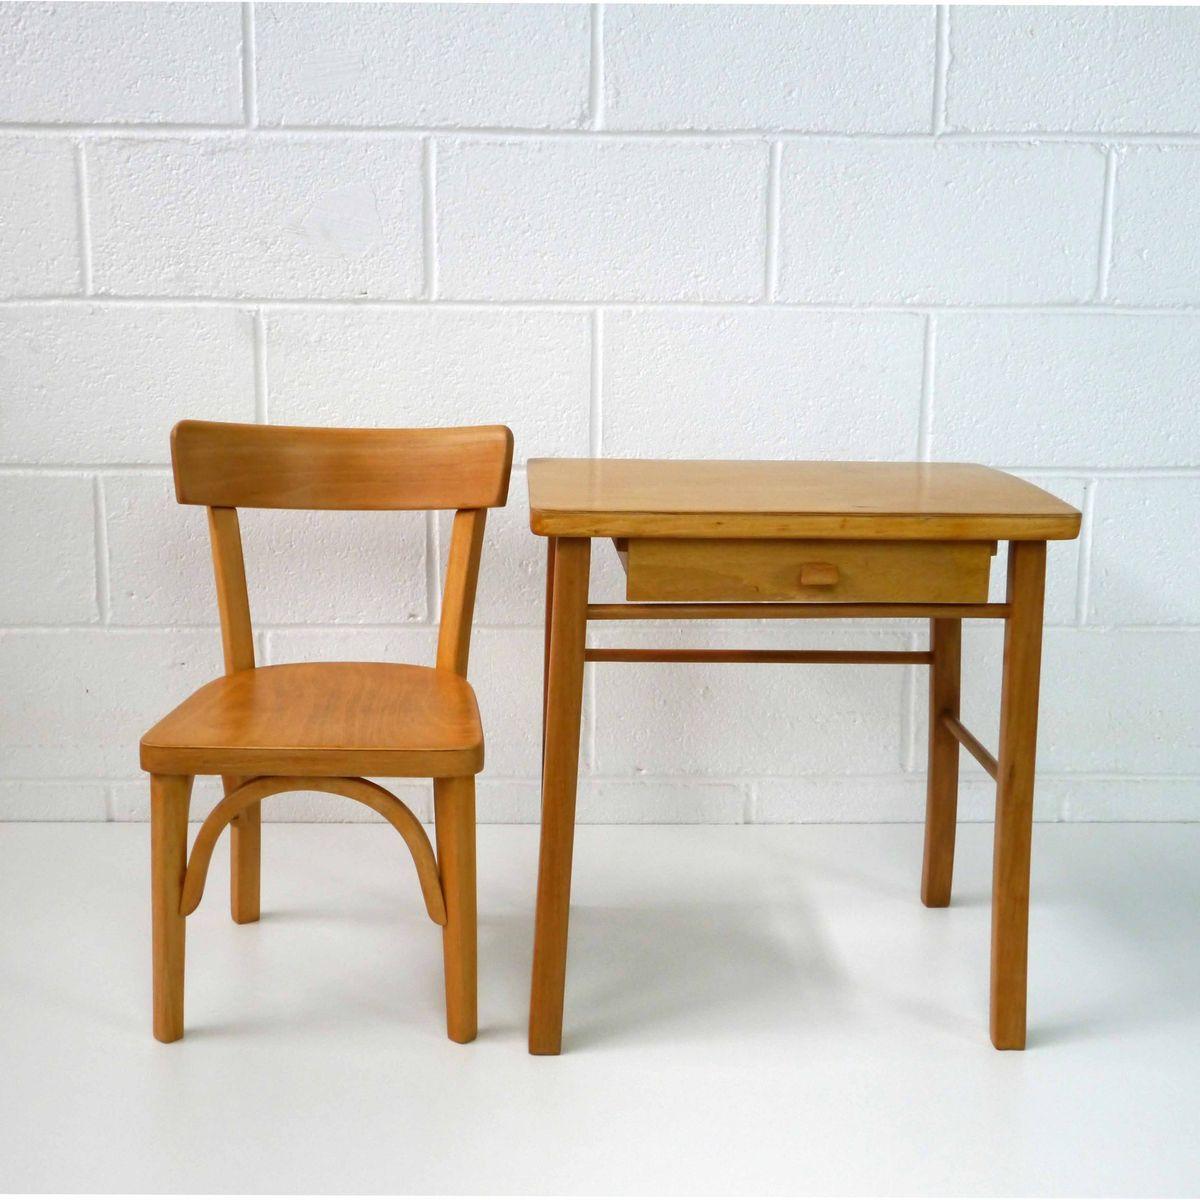 vintage kinder schreibtisch stuhl set von baumann bei pamono kaufen. Black Bedroom Furniture Sets. Home Design Ideas